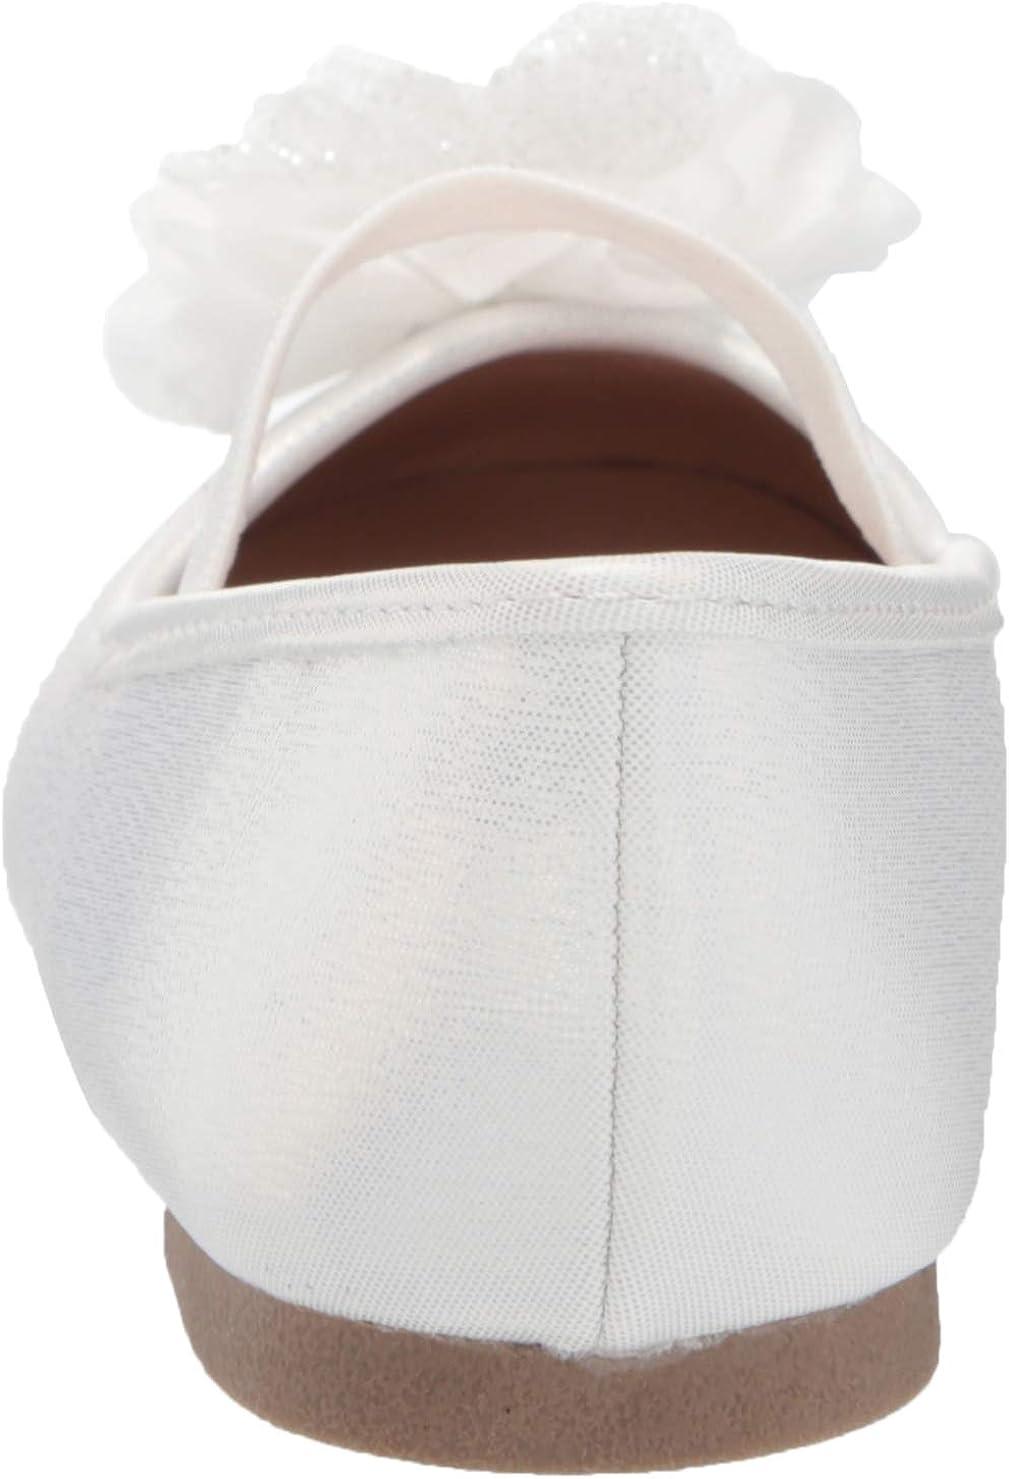 The Children's Place Unisex-Child Strap Ballet Flats